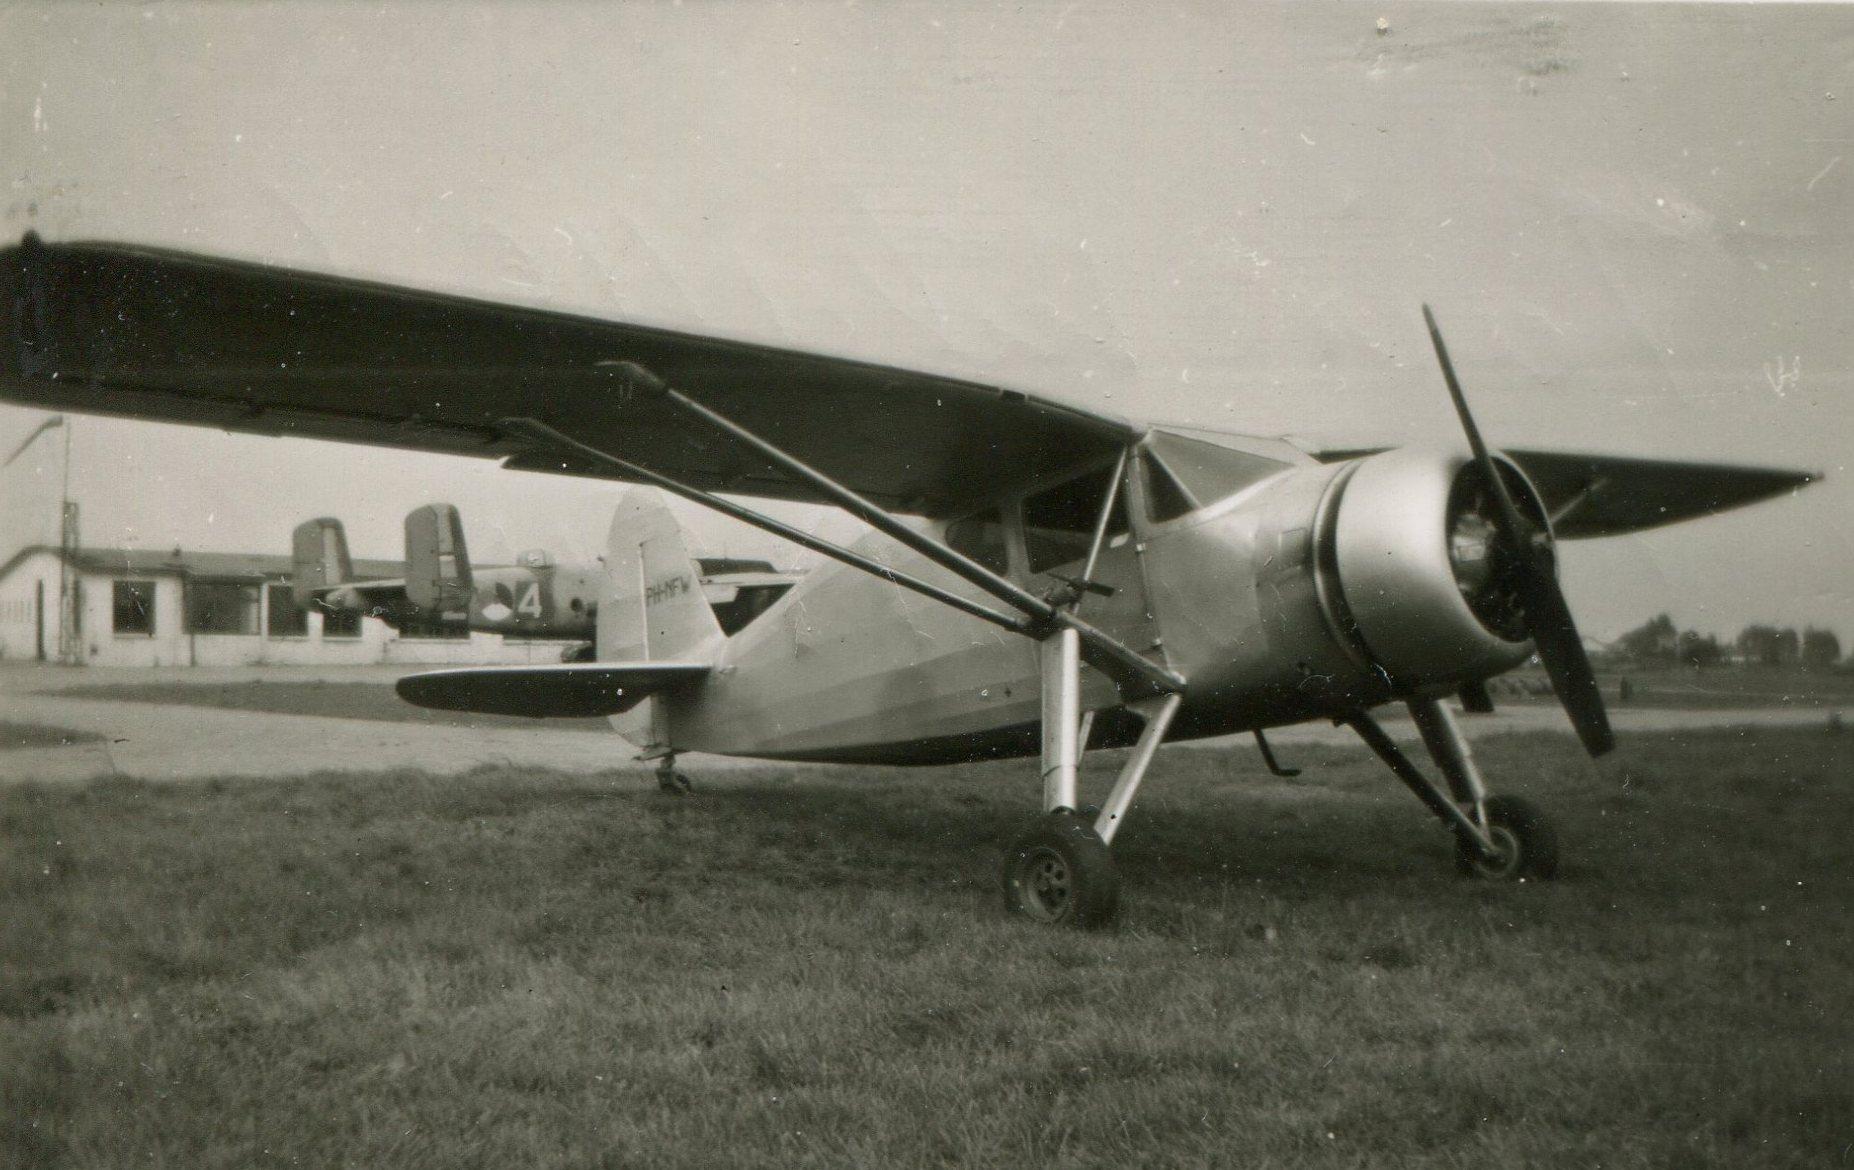 Naam: Fairchild UC-61 (24W-41) Argus 1 (met stermotor) 1953.jpg Bekeken: 497 Grootte: 292,9 KB